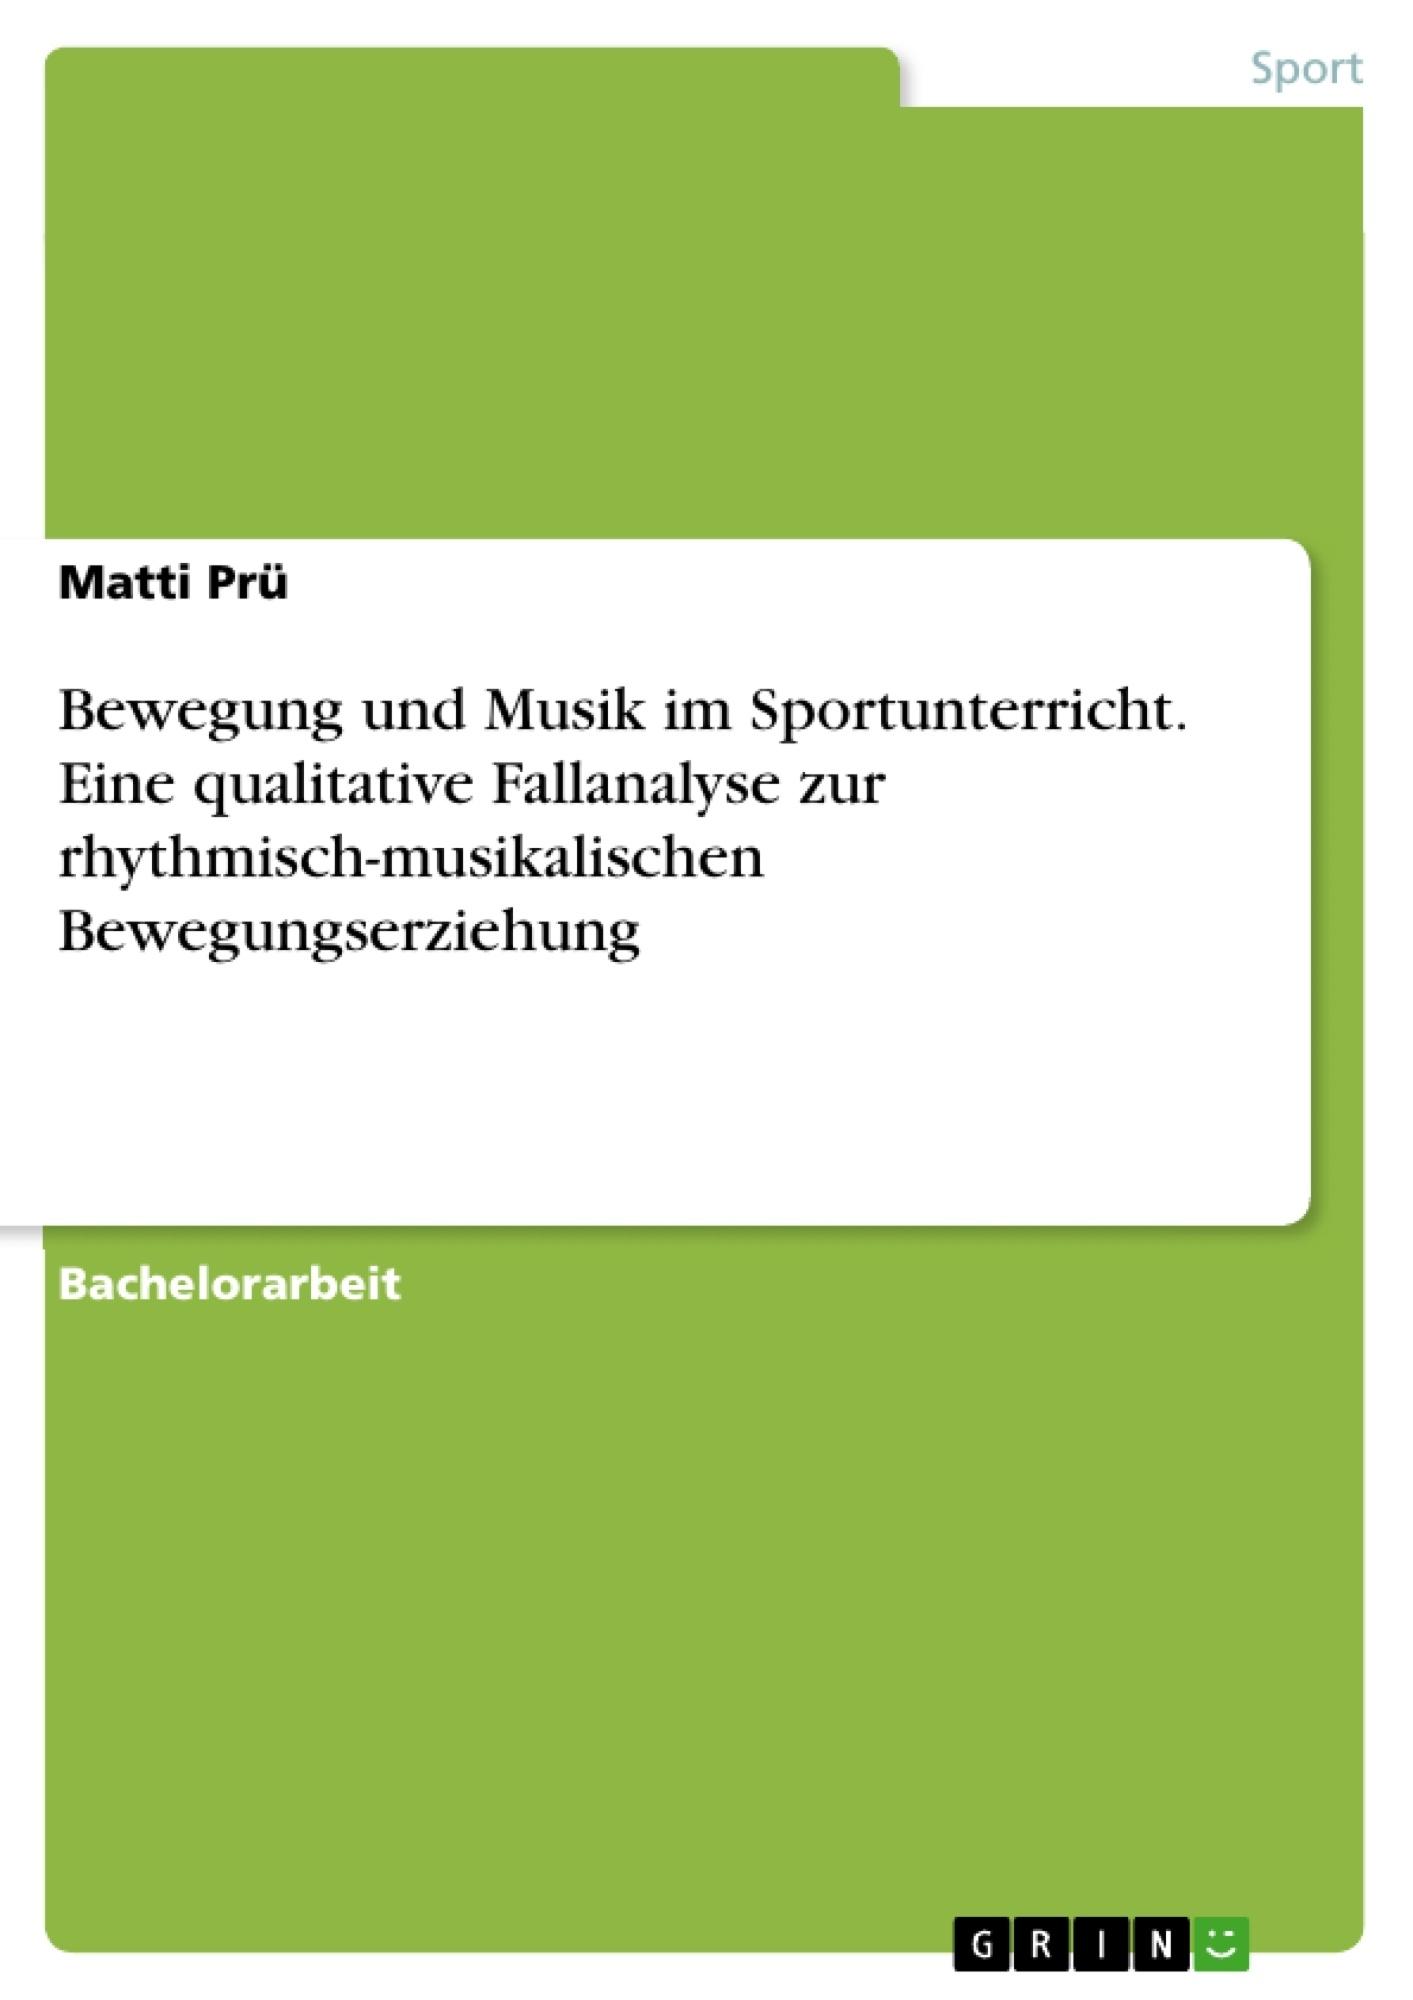 Titel: Bewegung und Musik im Sportunterricht. Eine qualitative Fallanalyse zur rhythmisch-musikalischen Bewegungserziehung